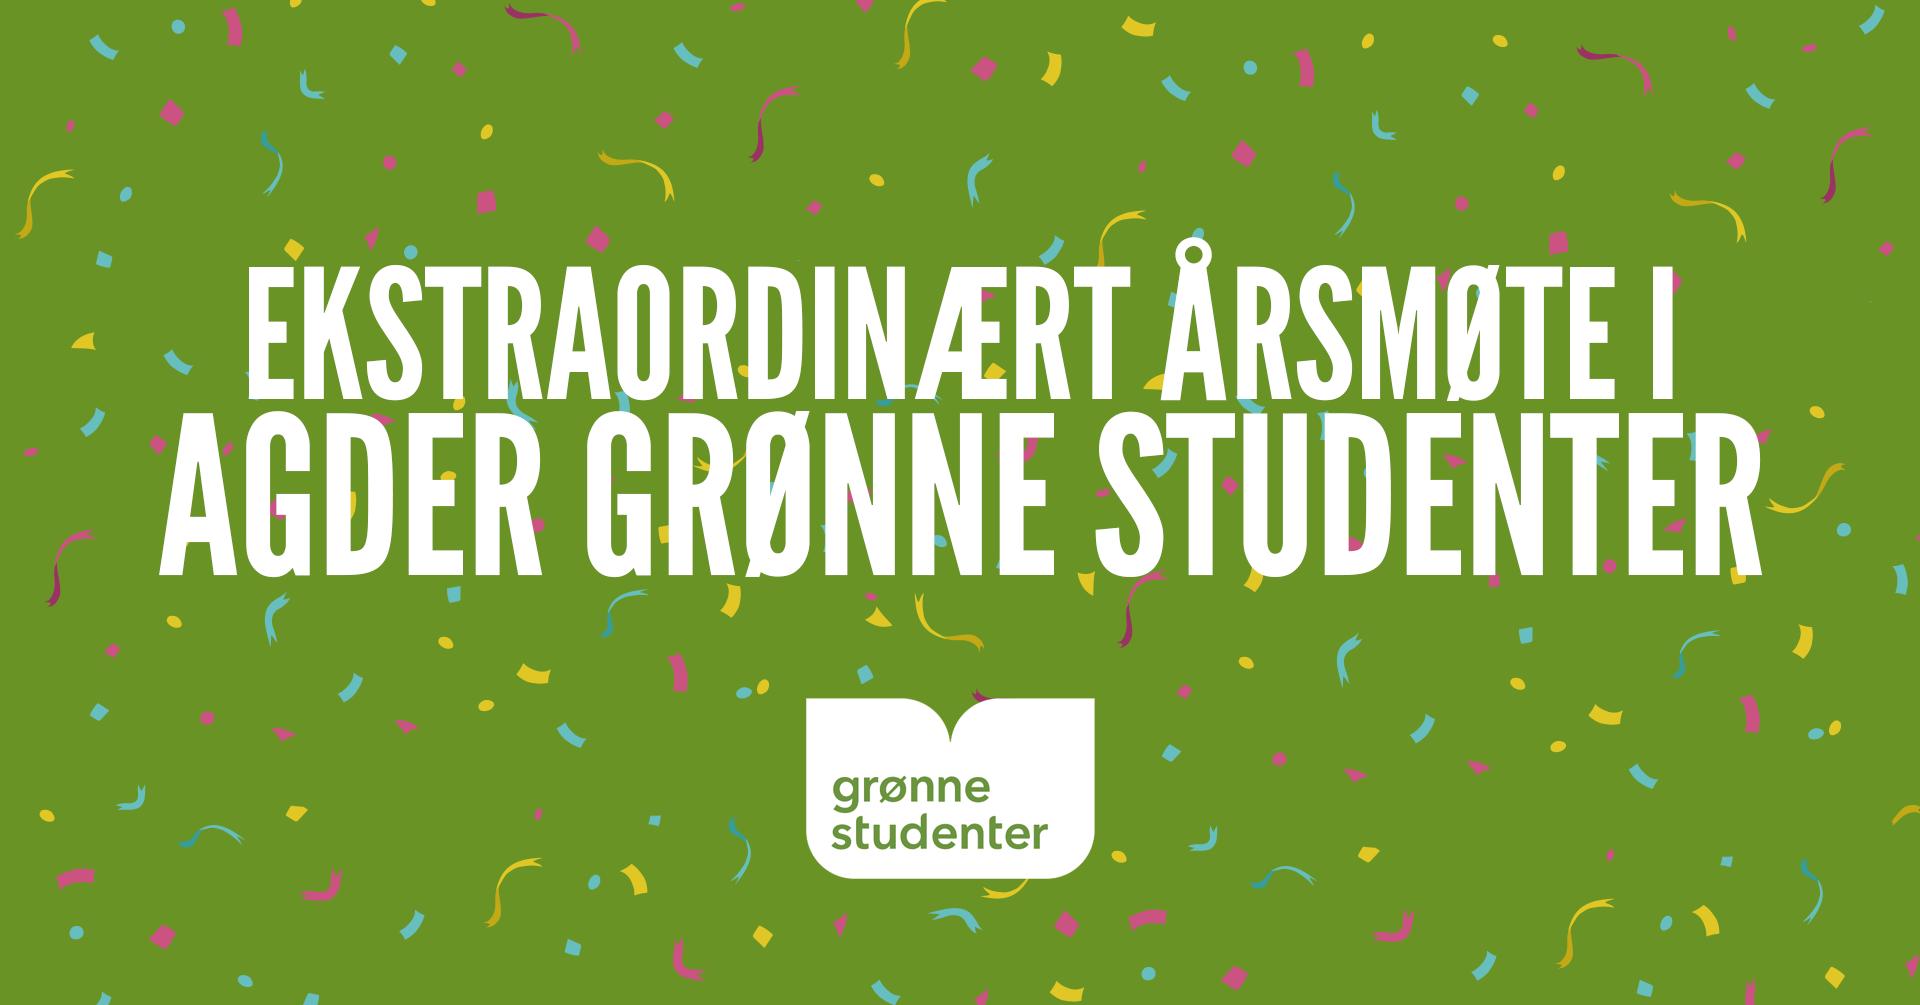 Ekstraordinært årsmøte i Agder Grønne Studenter